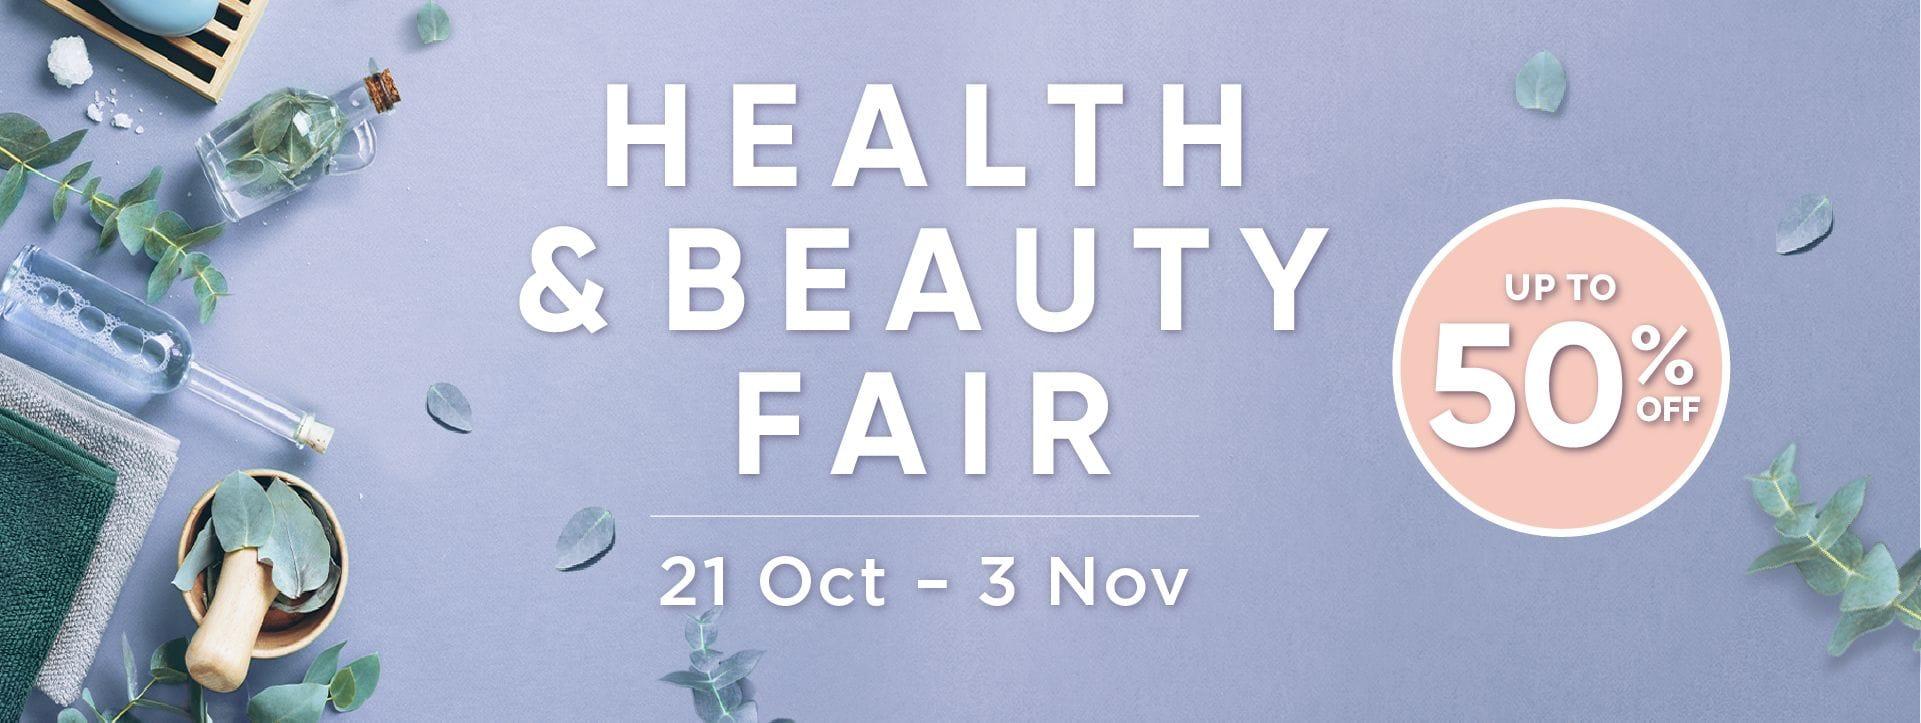 Health and Beauty Fair